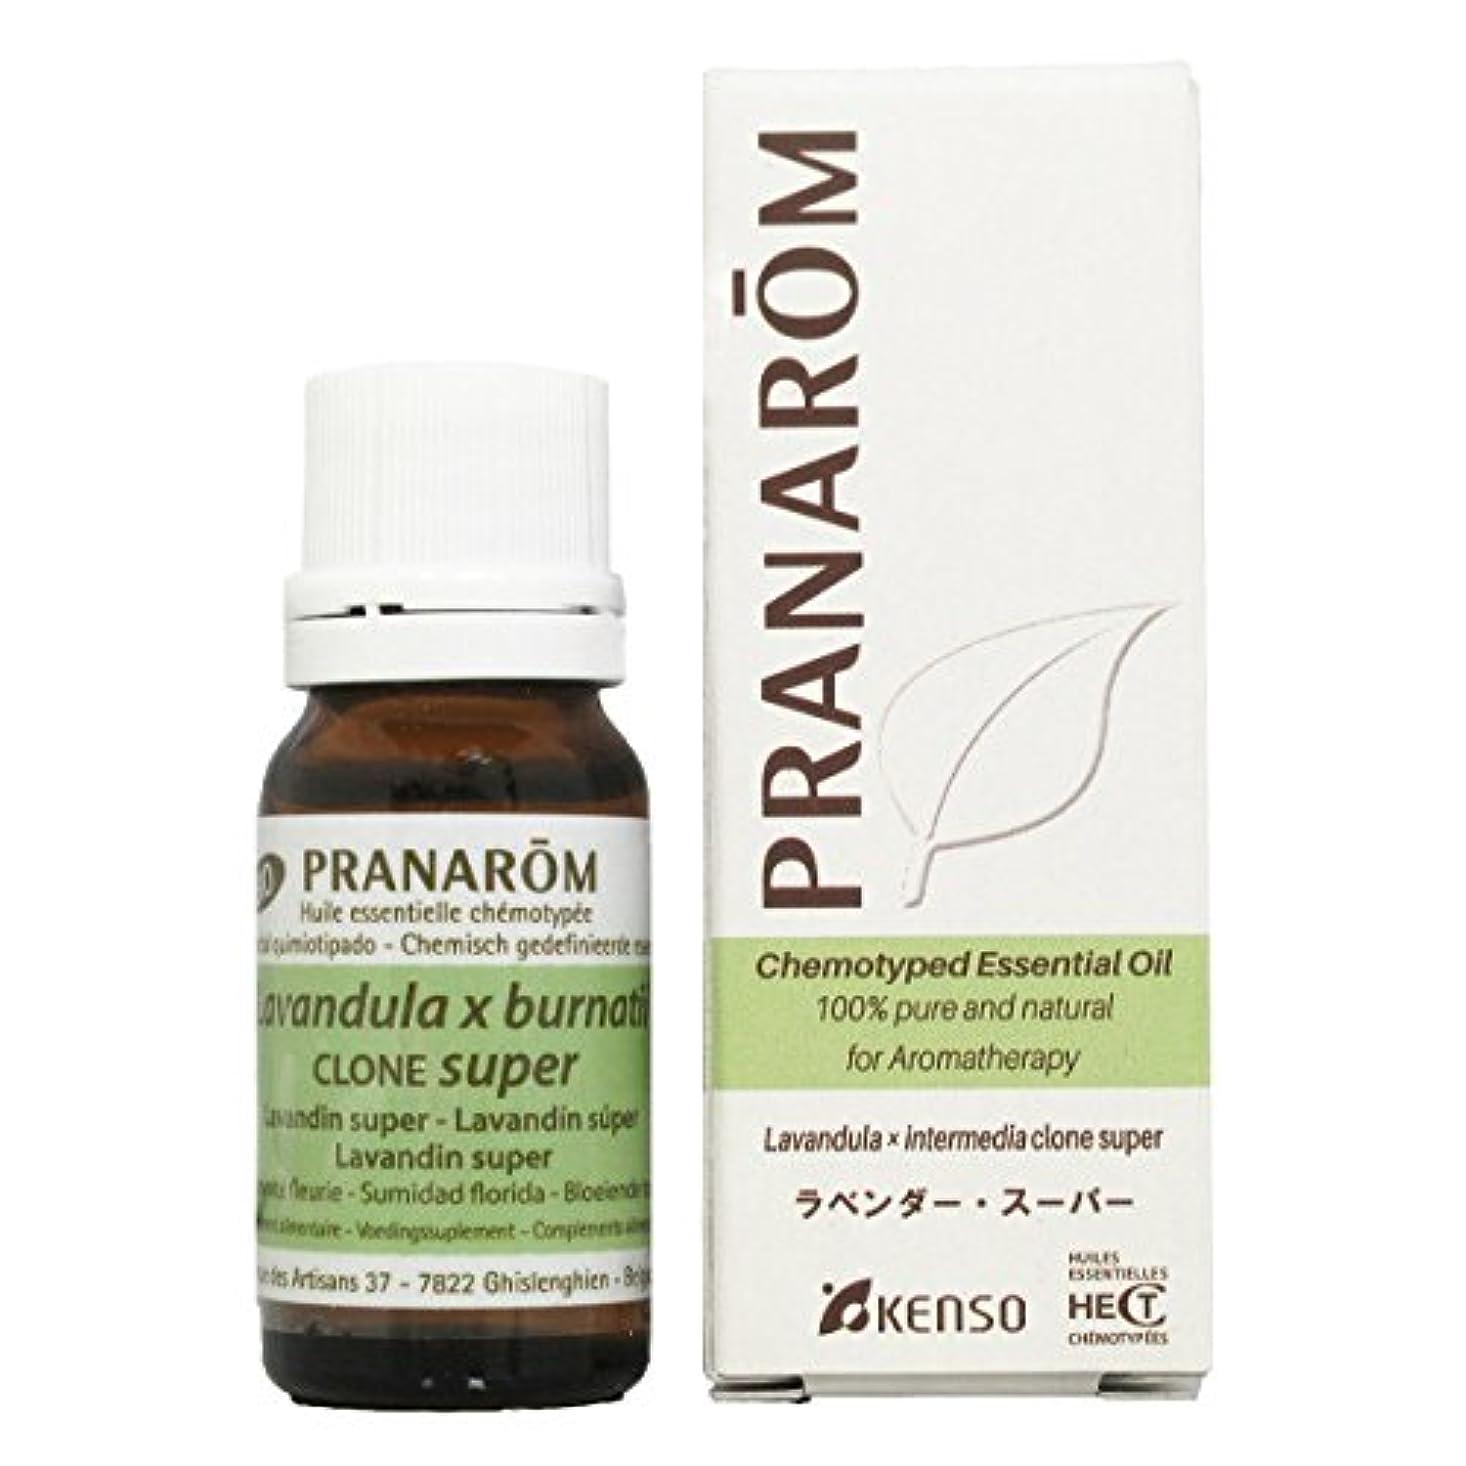 ノベルティ何よりも割り当てるプラナロム ラベンダースーパー 10ml (PRANAROM ケモタイプ精油)